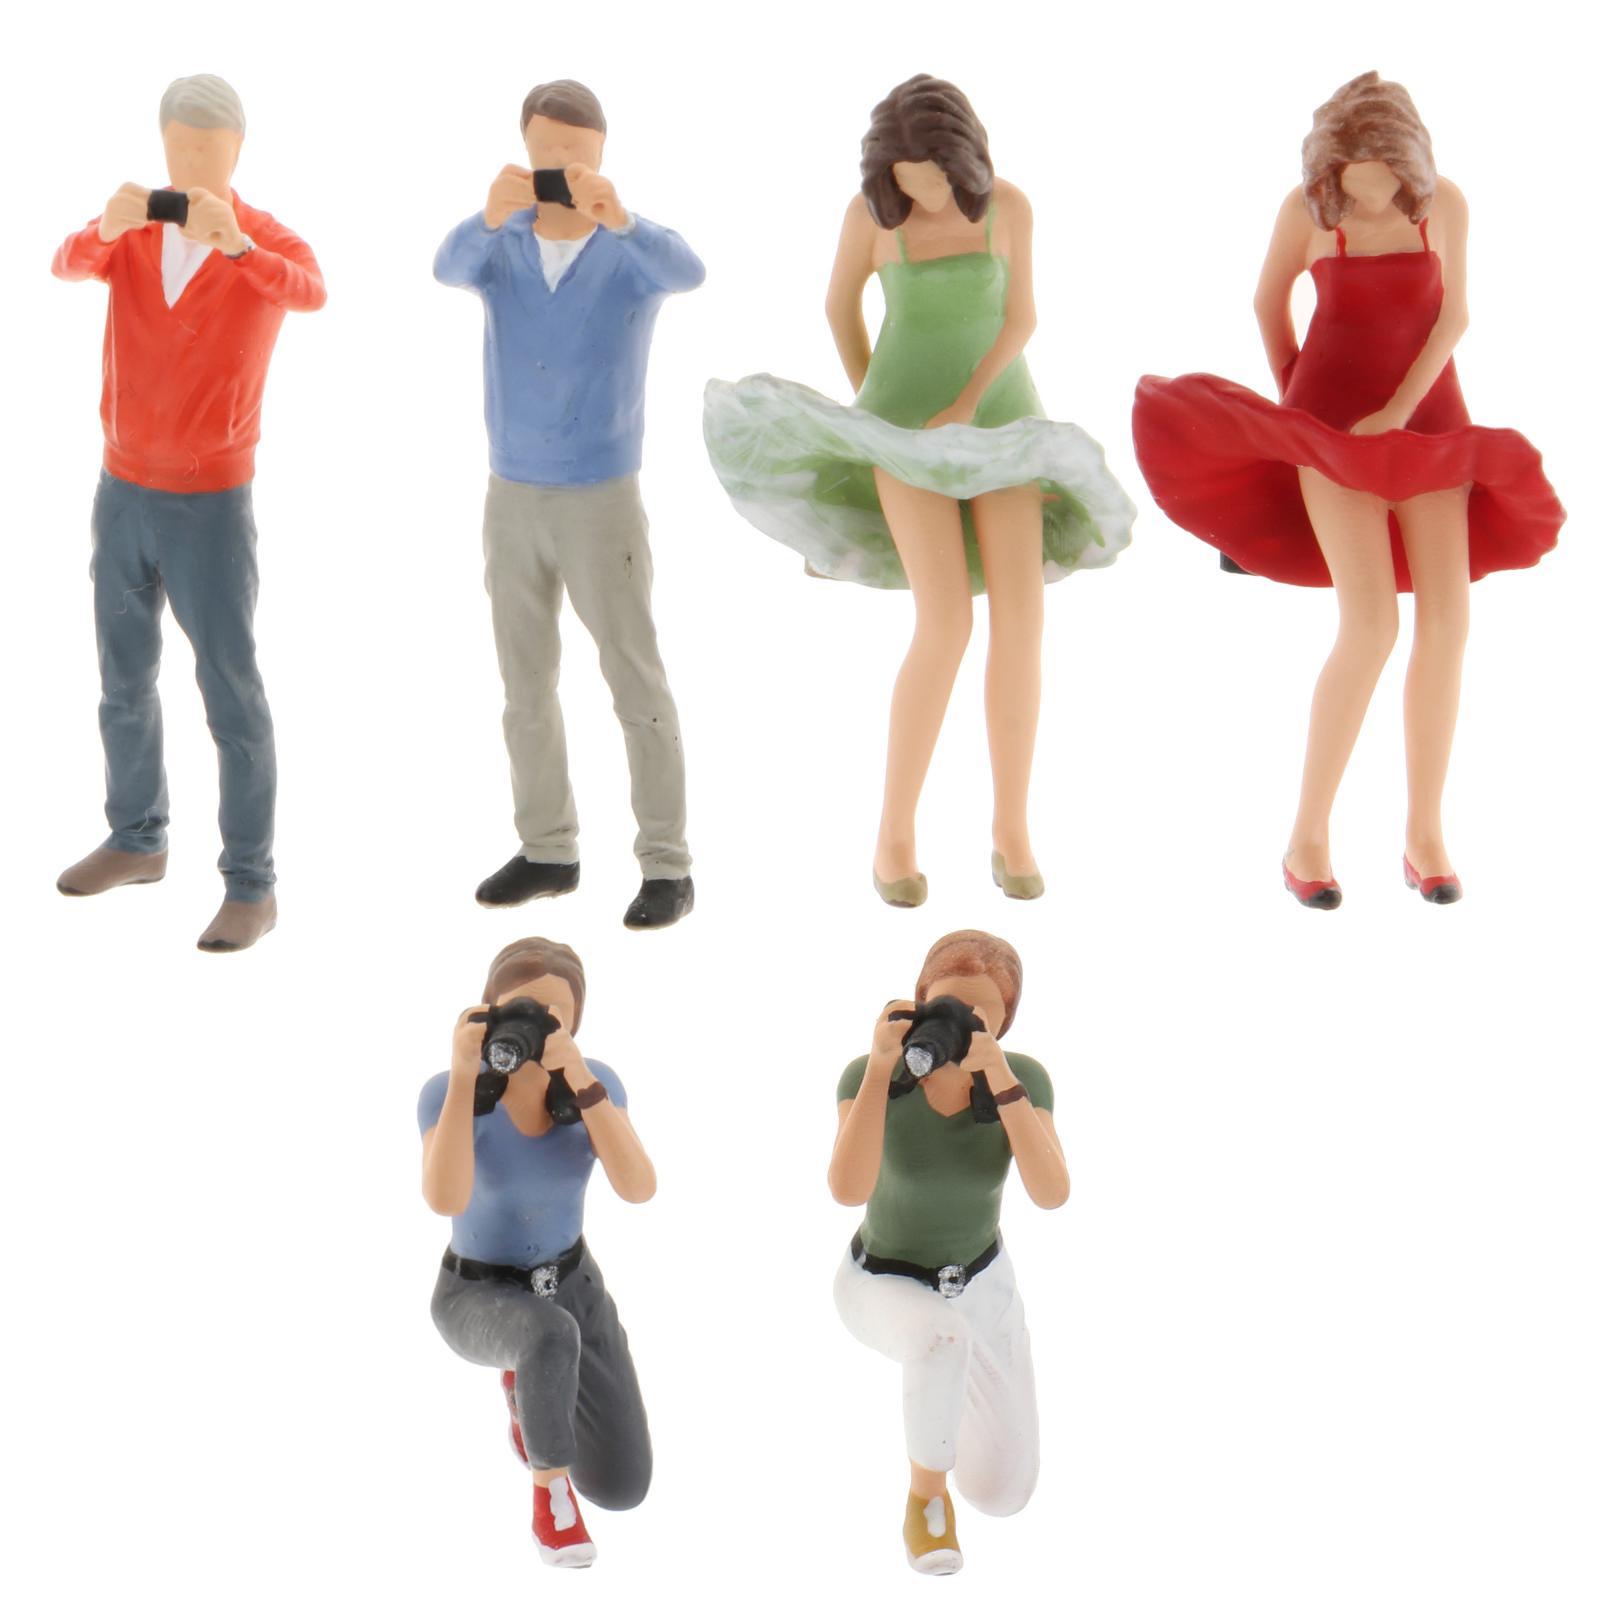 1/64 escala em miniatura cena pessoas homem figura de ação cenário personagem para diorama train layout diy conjunto